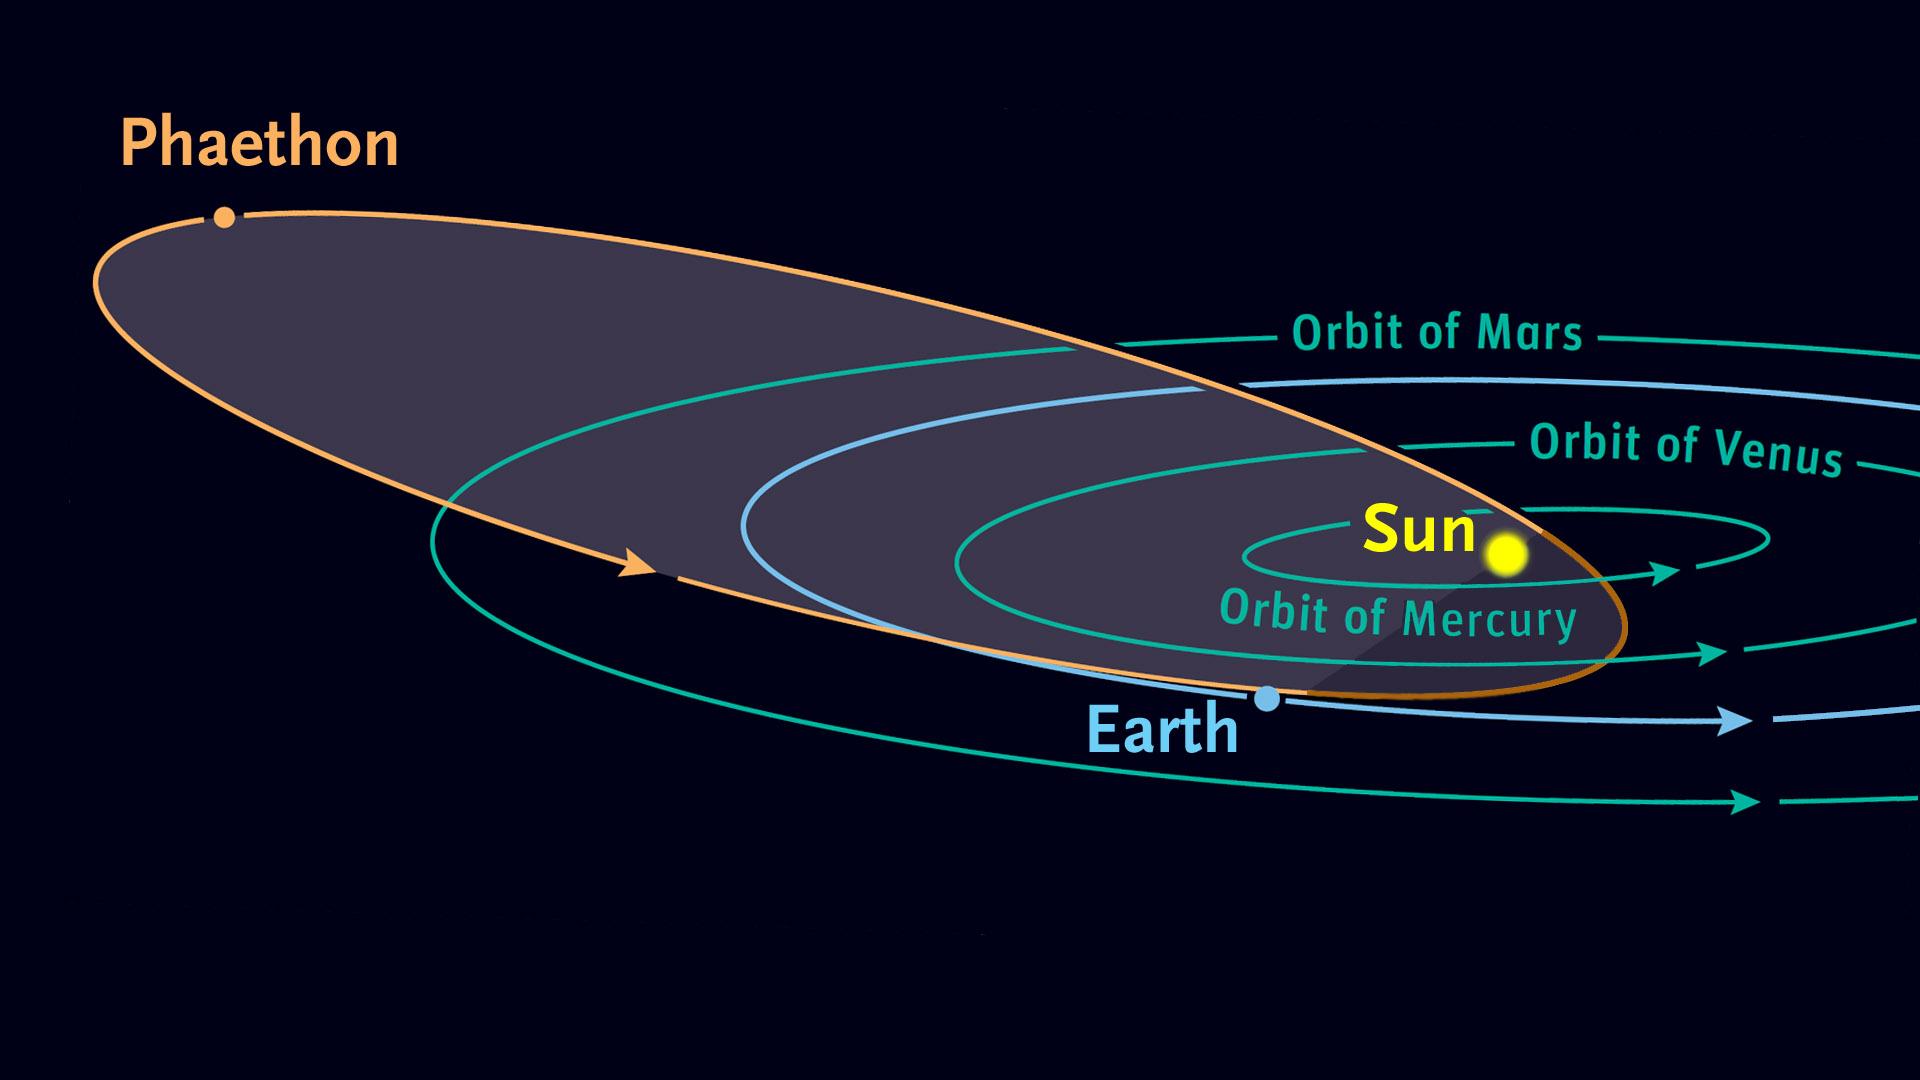 L'orbite de l'astéroïde 3200 Phaethon, qui passe autour du soleil une fois tous les 1,4 ans.  Bien qu'il s'agisse d'un astéroïde, son trajet allongé rappelle les comètes.  La pluie de météores géminides survient chaque année lorsque la Terre traverse les débris laissés le long du trajet de l'astéroïde.